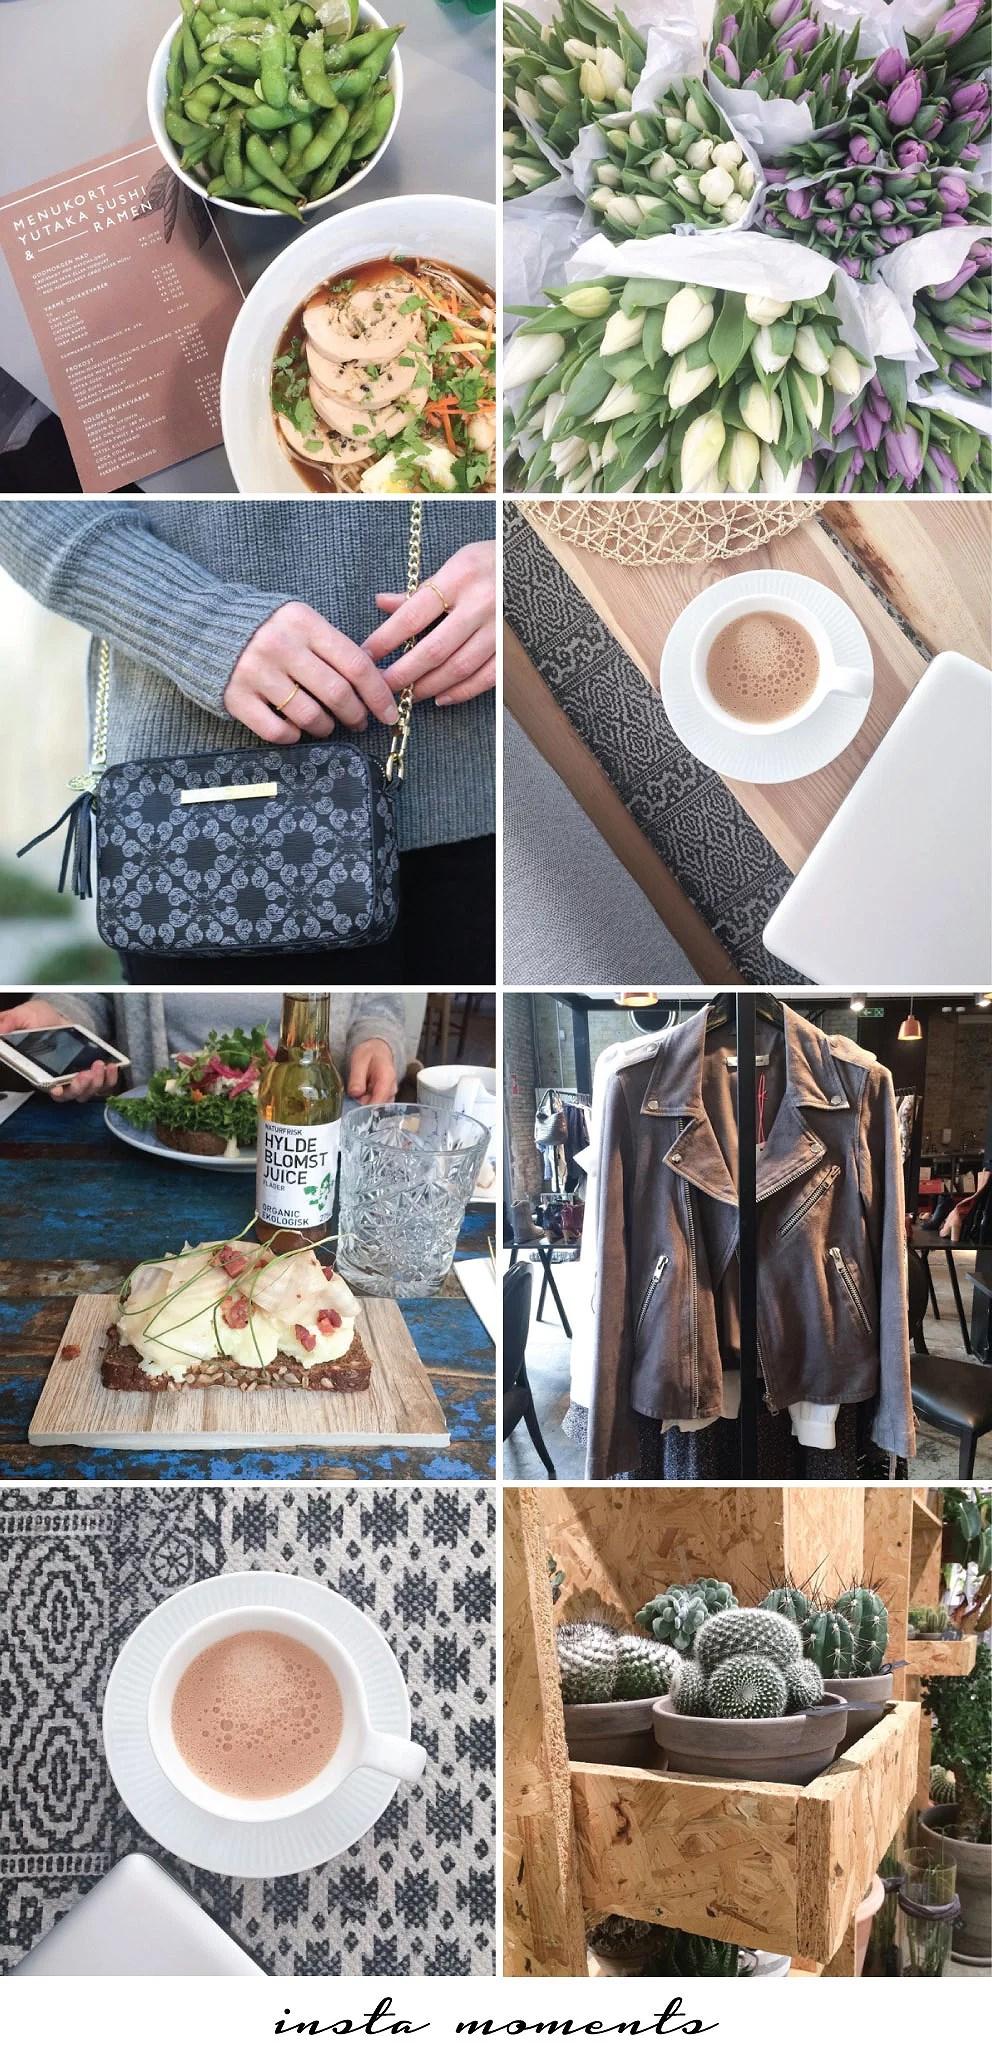 Day, Instagram, Julie Mænnchen, Blogger, Dansk modeblogger